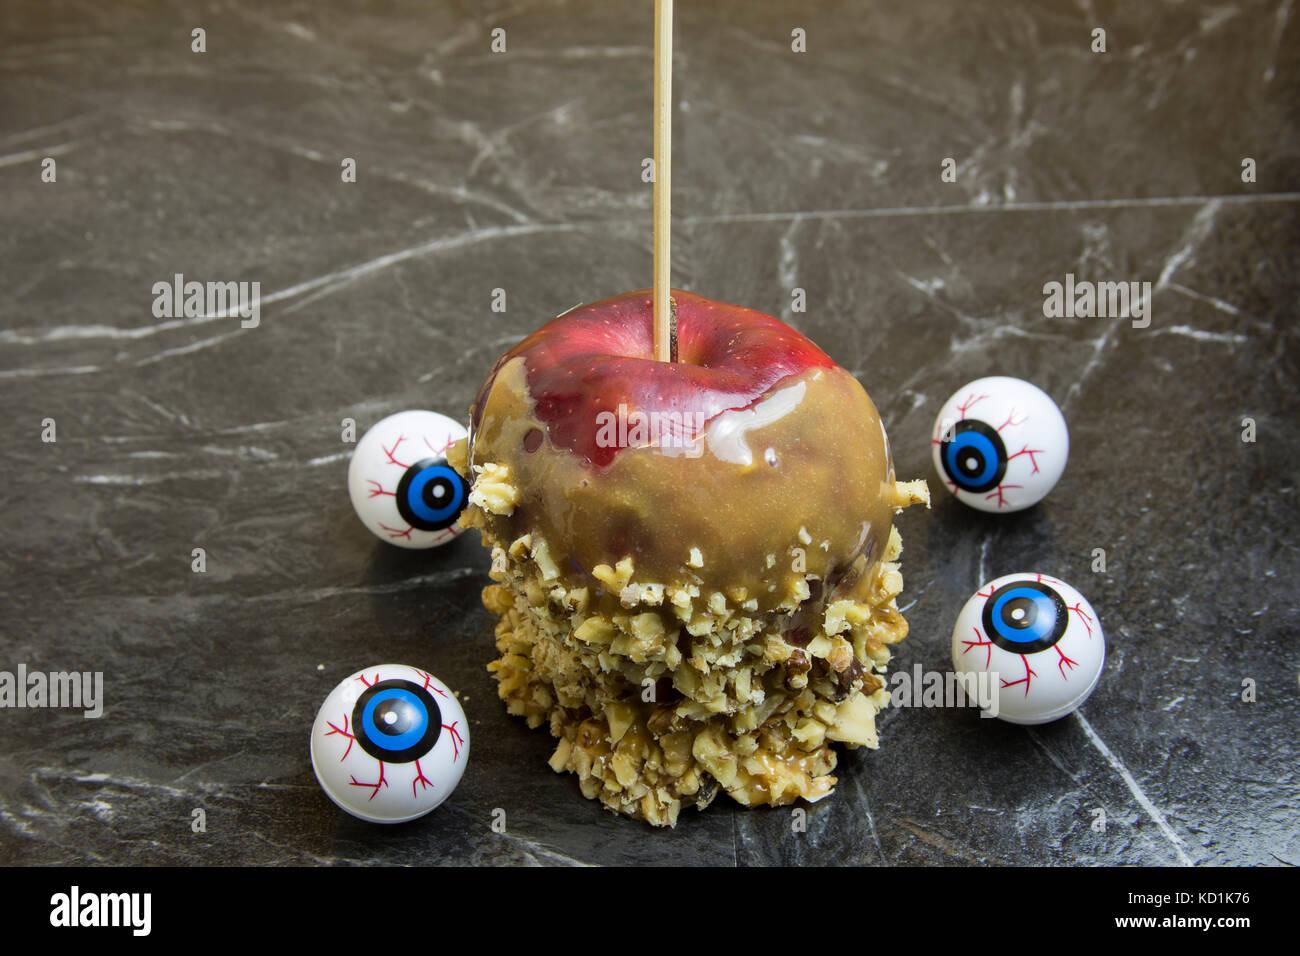 Luces rojas manzanas de caramelo recubierto con nueces picadas, rodeado por los globos oculares. Imagen De Stock